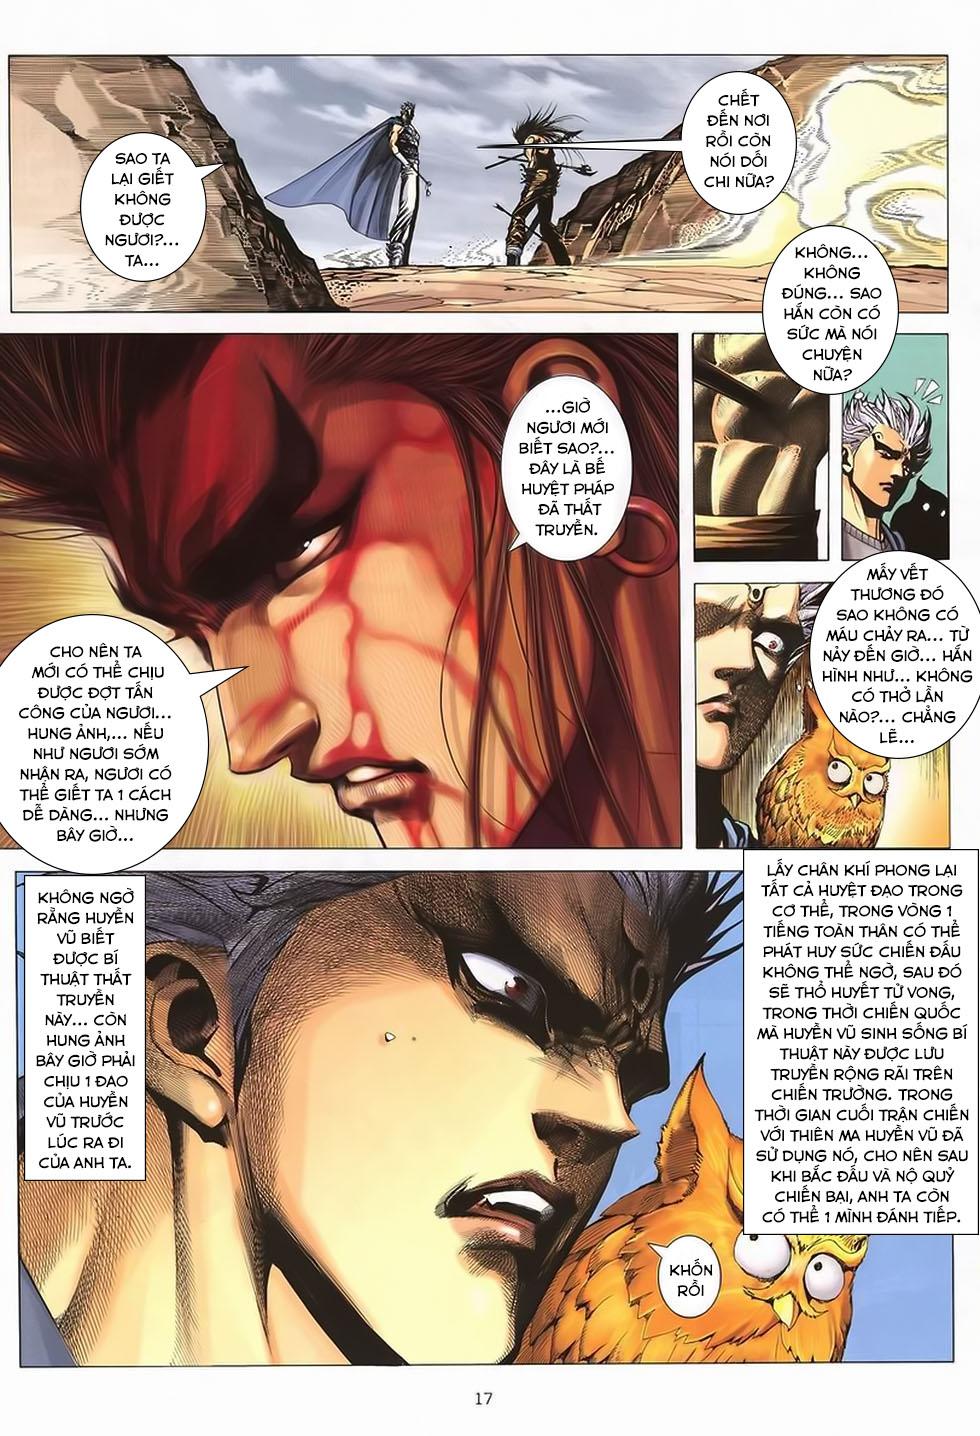 Chiến Thần Ký chap 40 - Trang 18